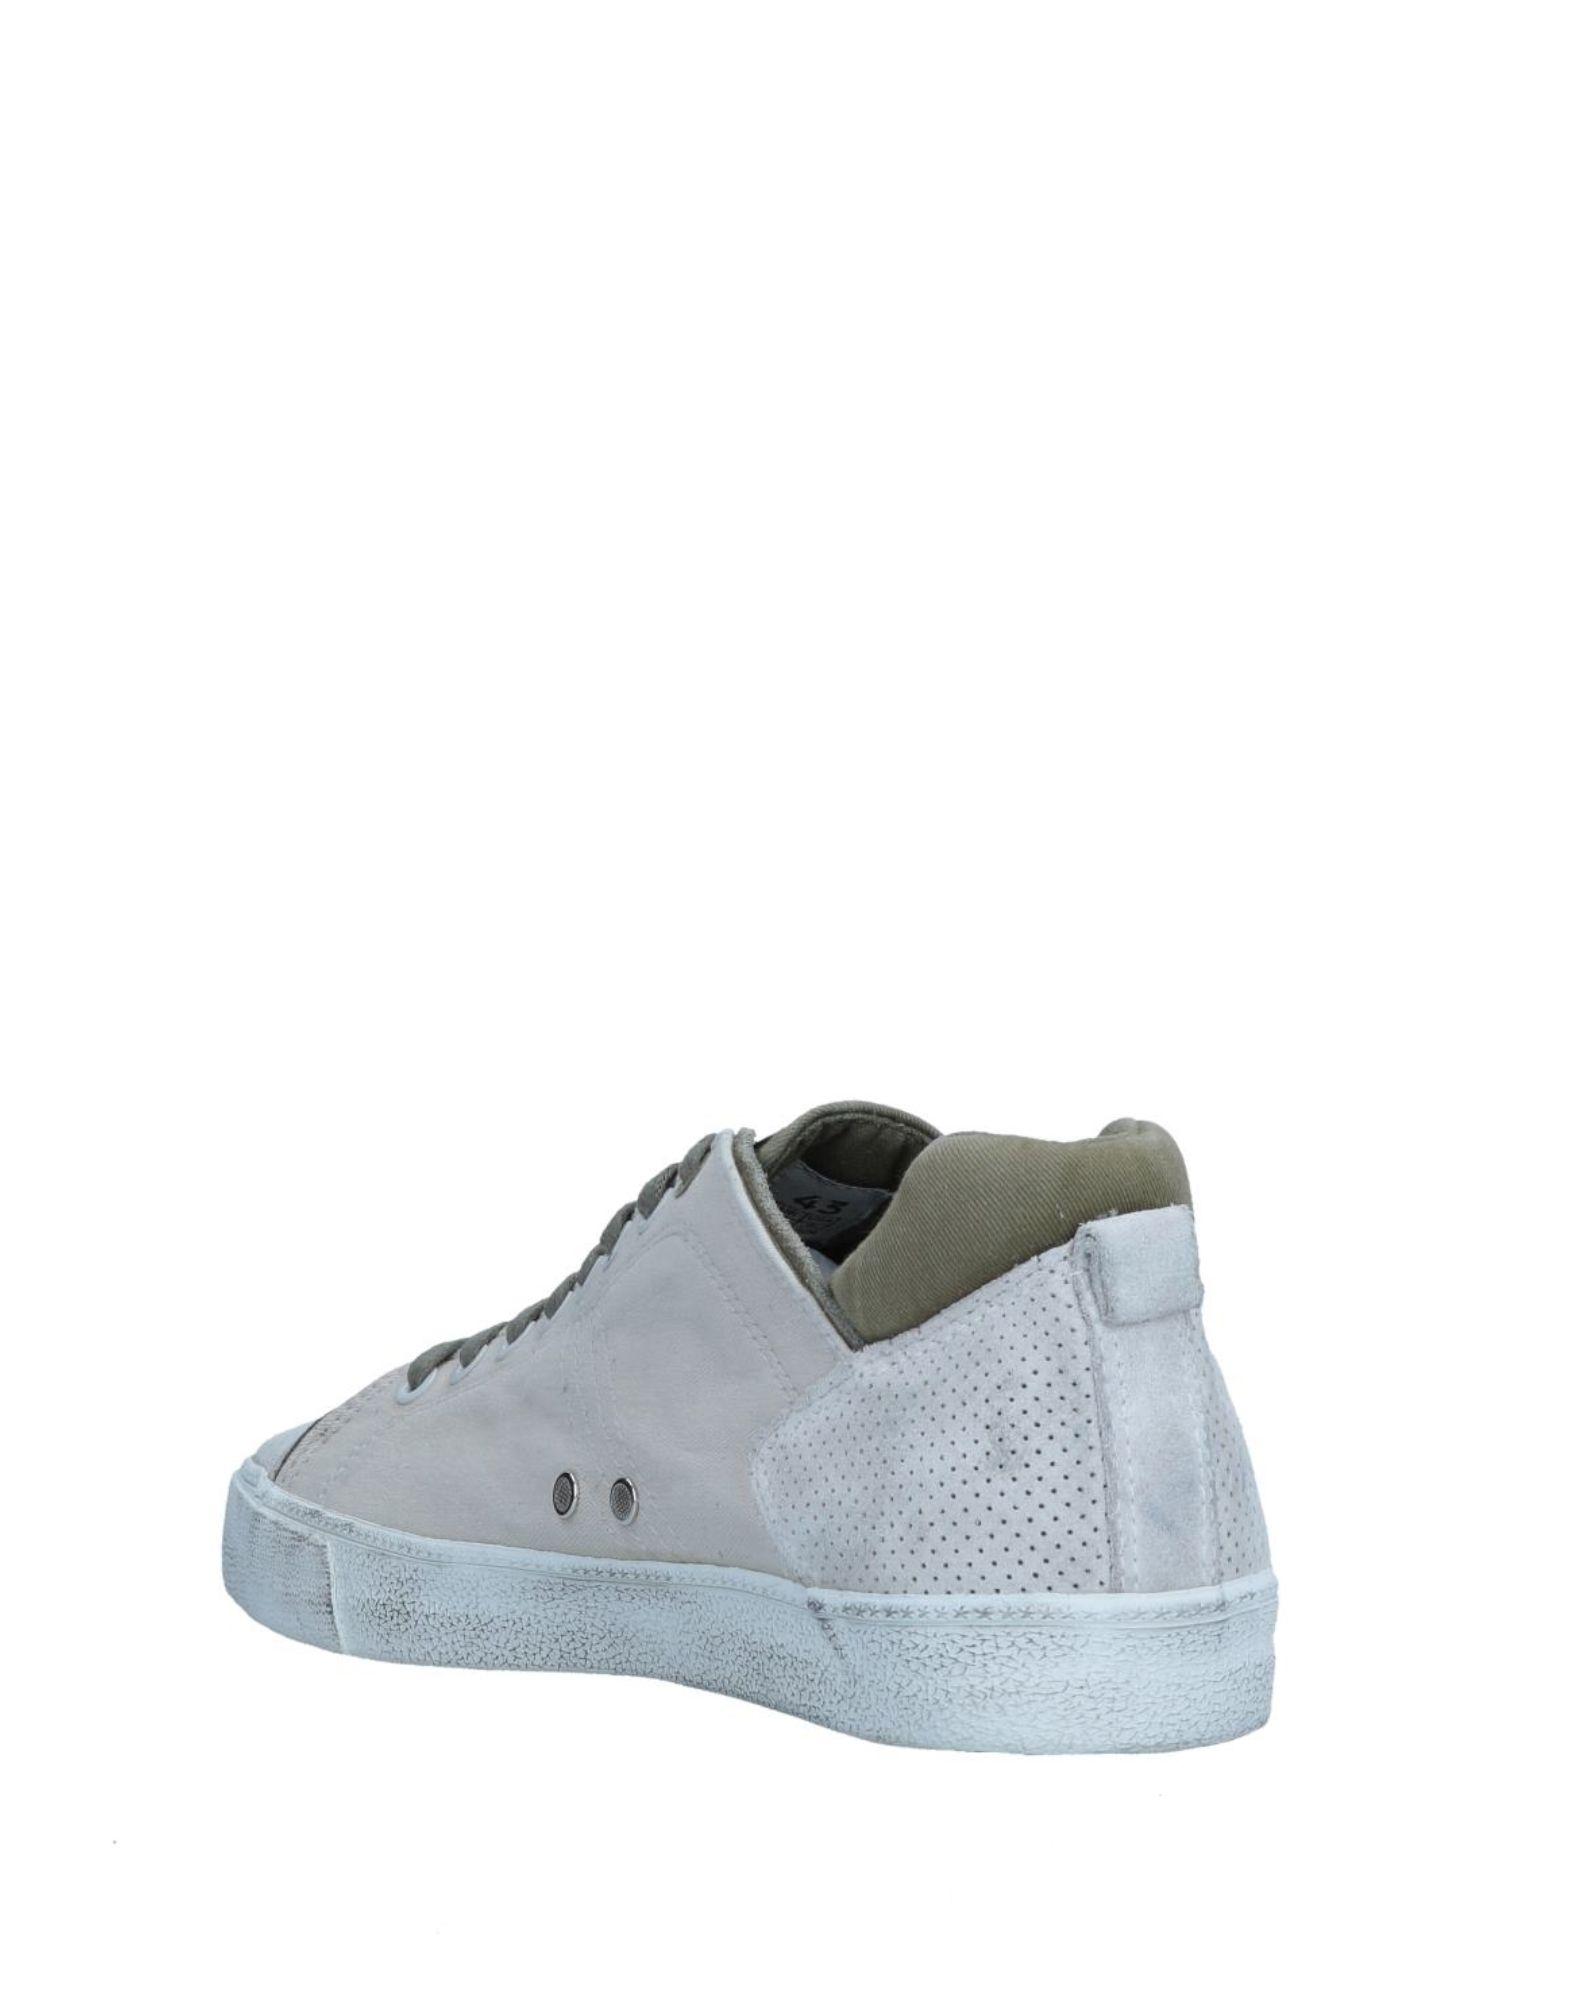 Colmar Sneakers Sneakers Colmar Herren Gutes Preis-Leistungs-Verhältnis, es lohnt sich 04e62b